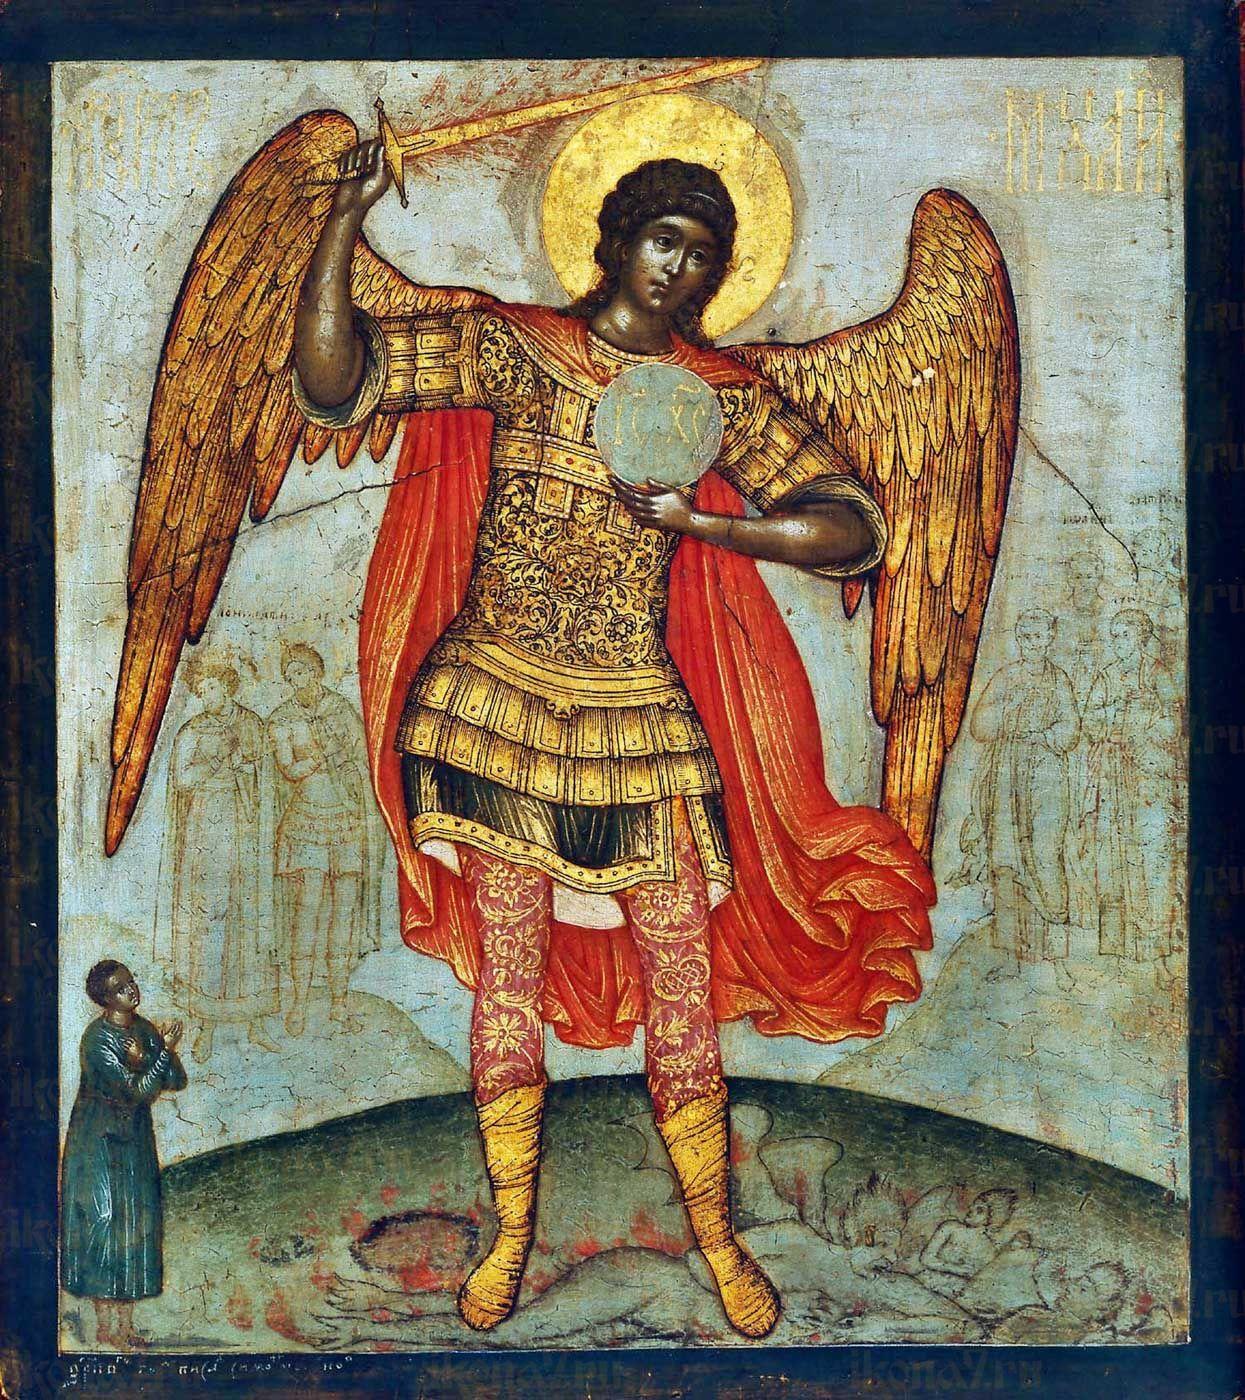 фото видение архангела михаила юмор